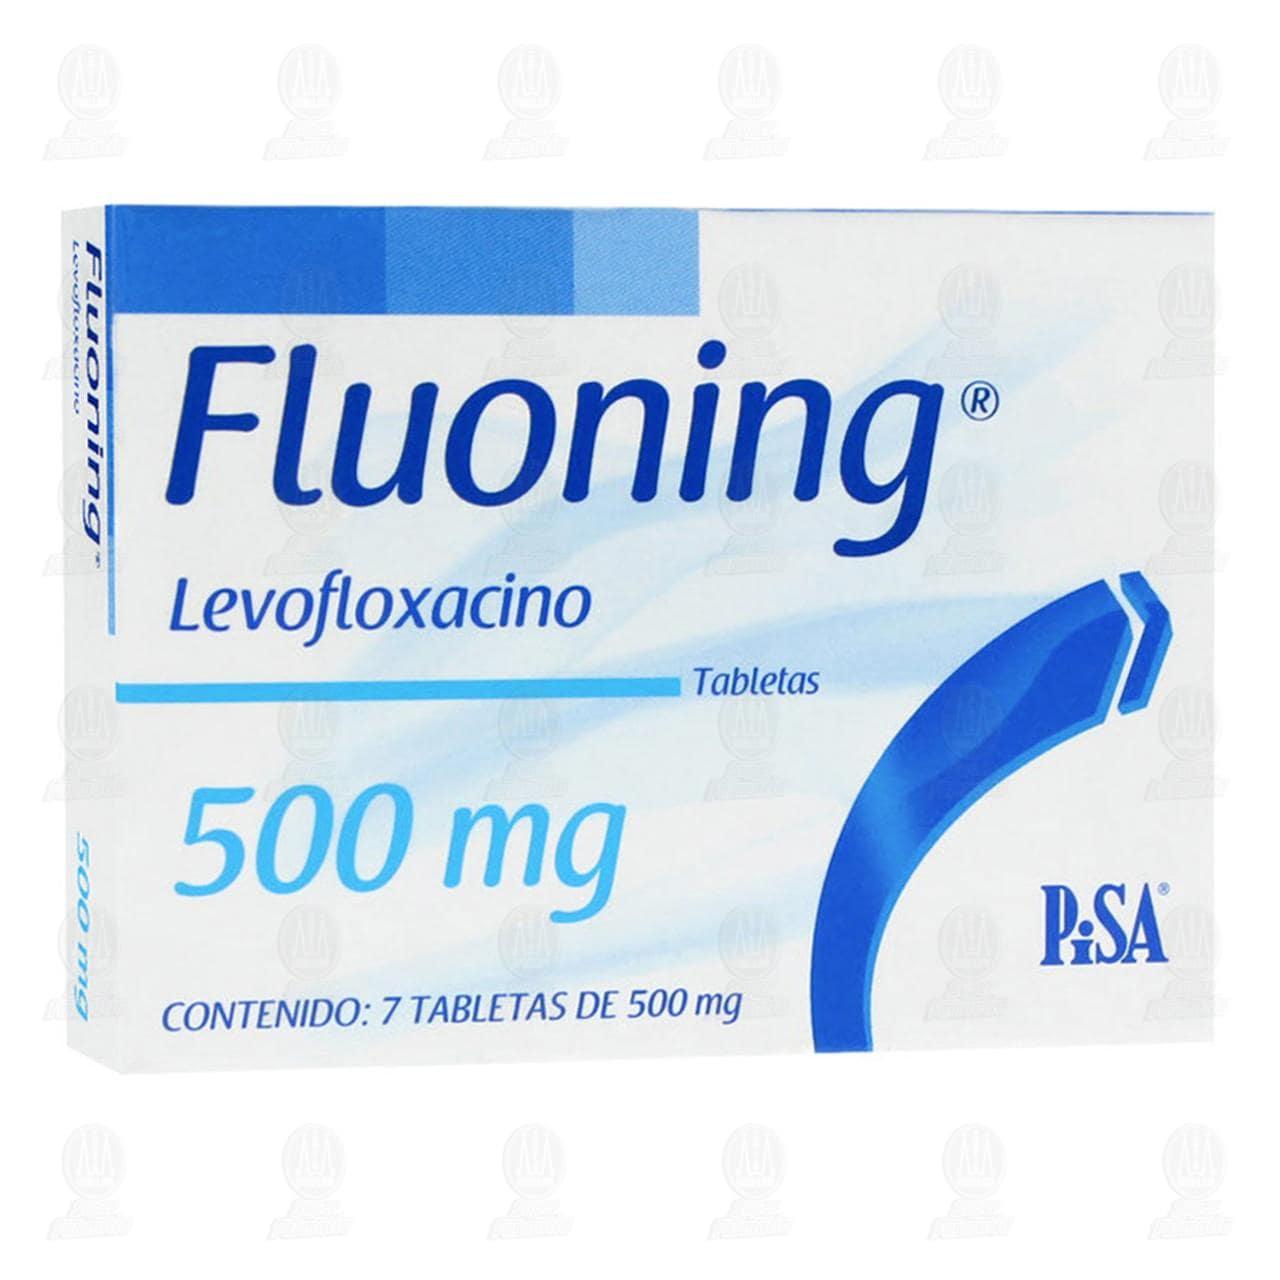 Comprar Fluoning 500mg 7 Tabletas en Farmacias Guadalajara